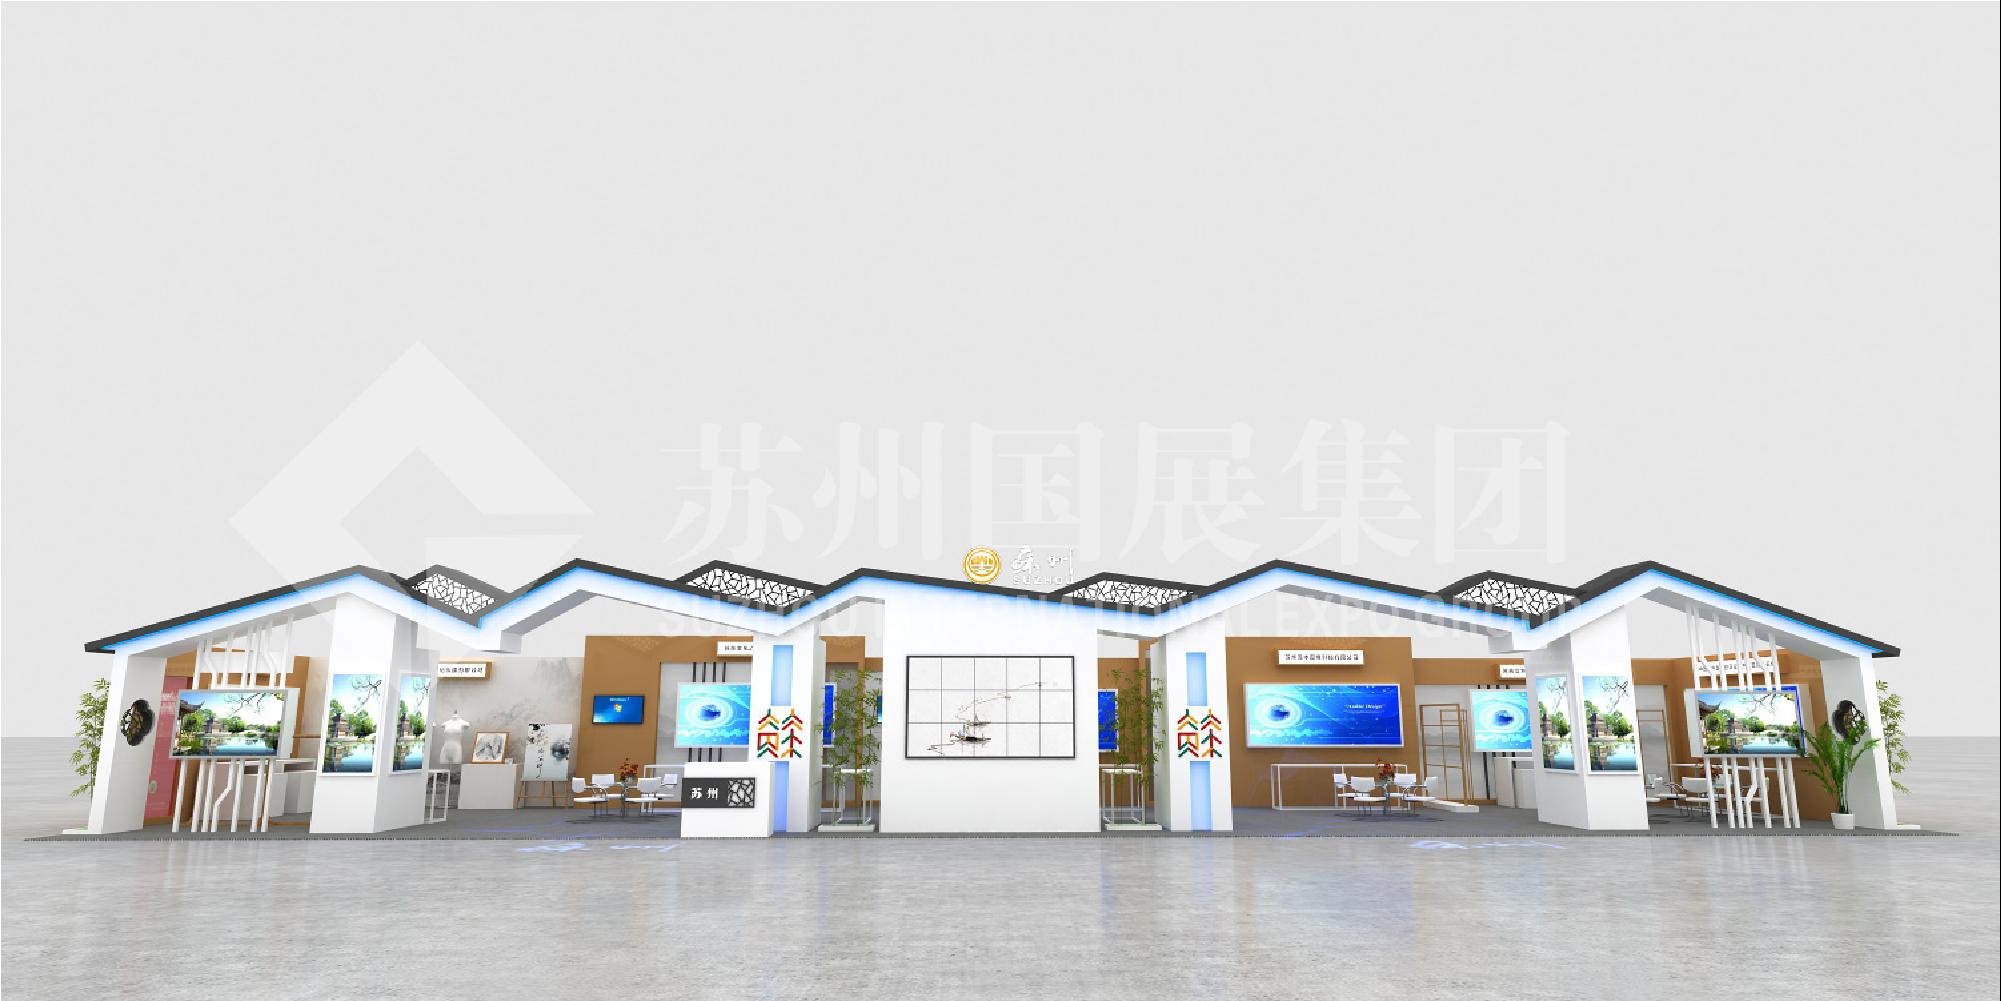 首届长三角国际文化产业博览会苏州馆